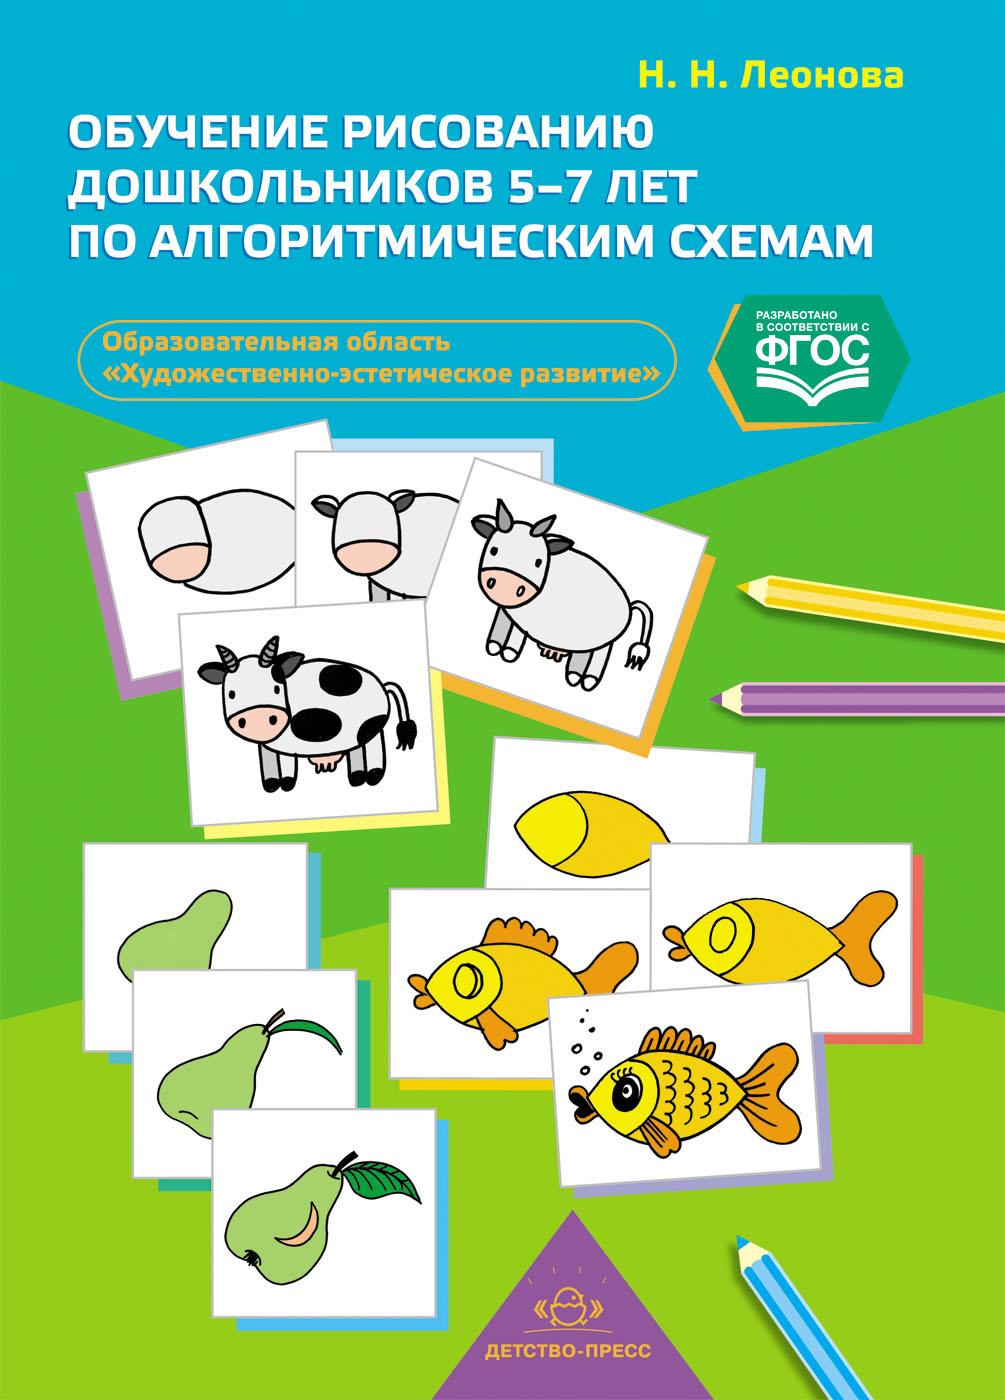 Обучение рисованию дошкольников 5-7 лет по алгоритмическим схемам (образовательная область Художественно-эстетическое развитие): наглядно-дидактическое пособие. ФГОС.